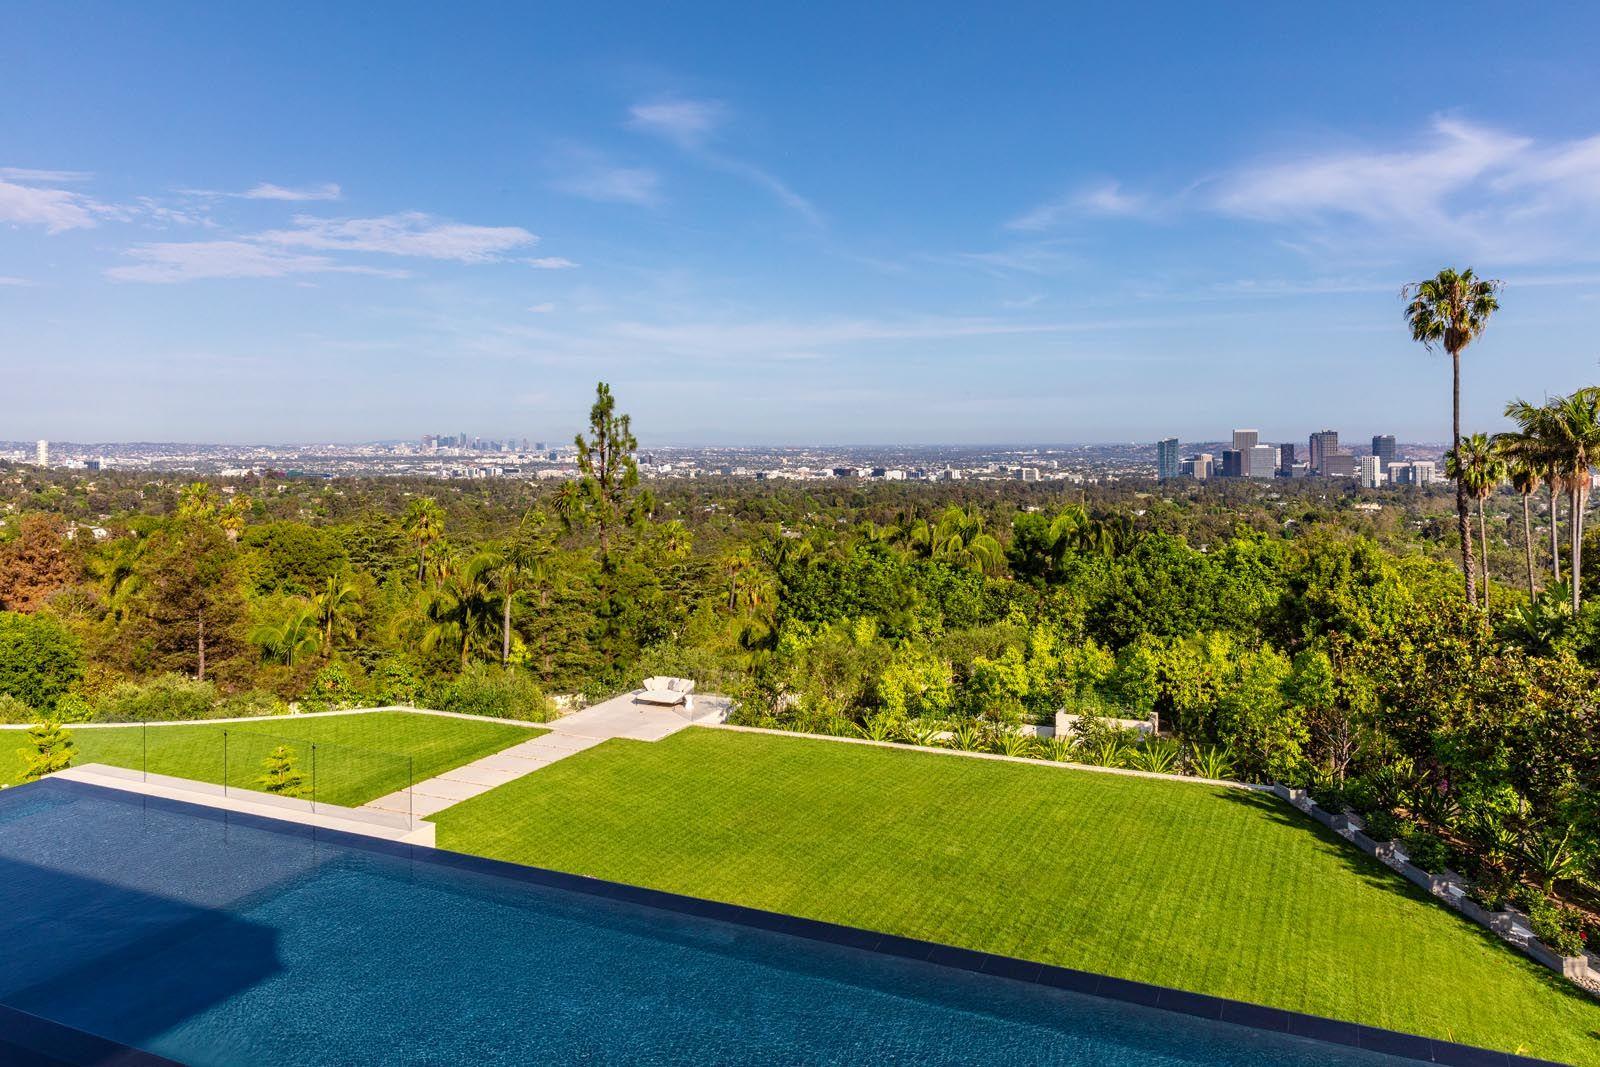 Gallery 908 Bel Air Road Bel Air Road Luxury Homes Dream Houses Los Angeles Skyline